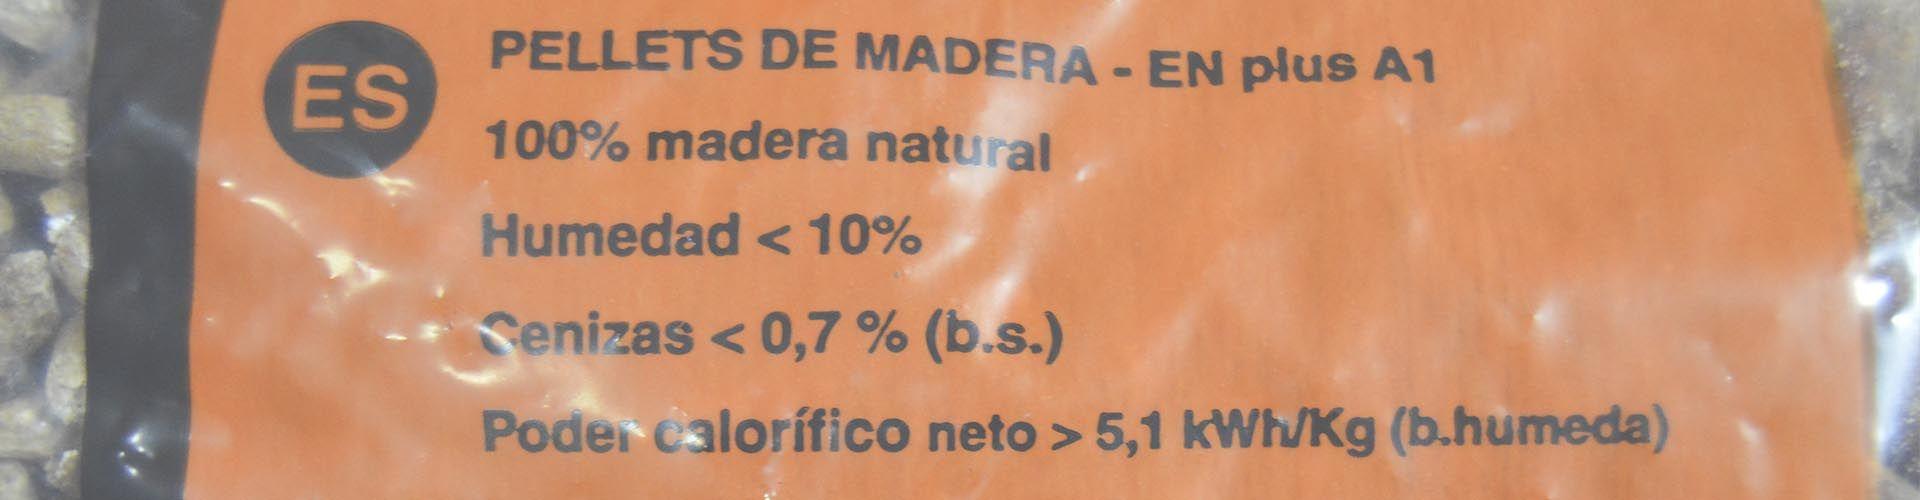 Pellets de buena calidad en Madrid